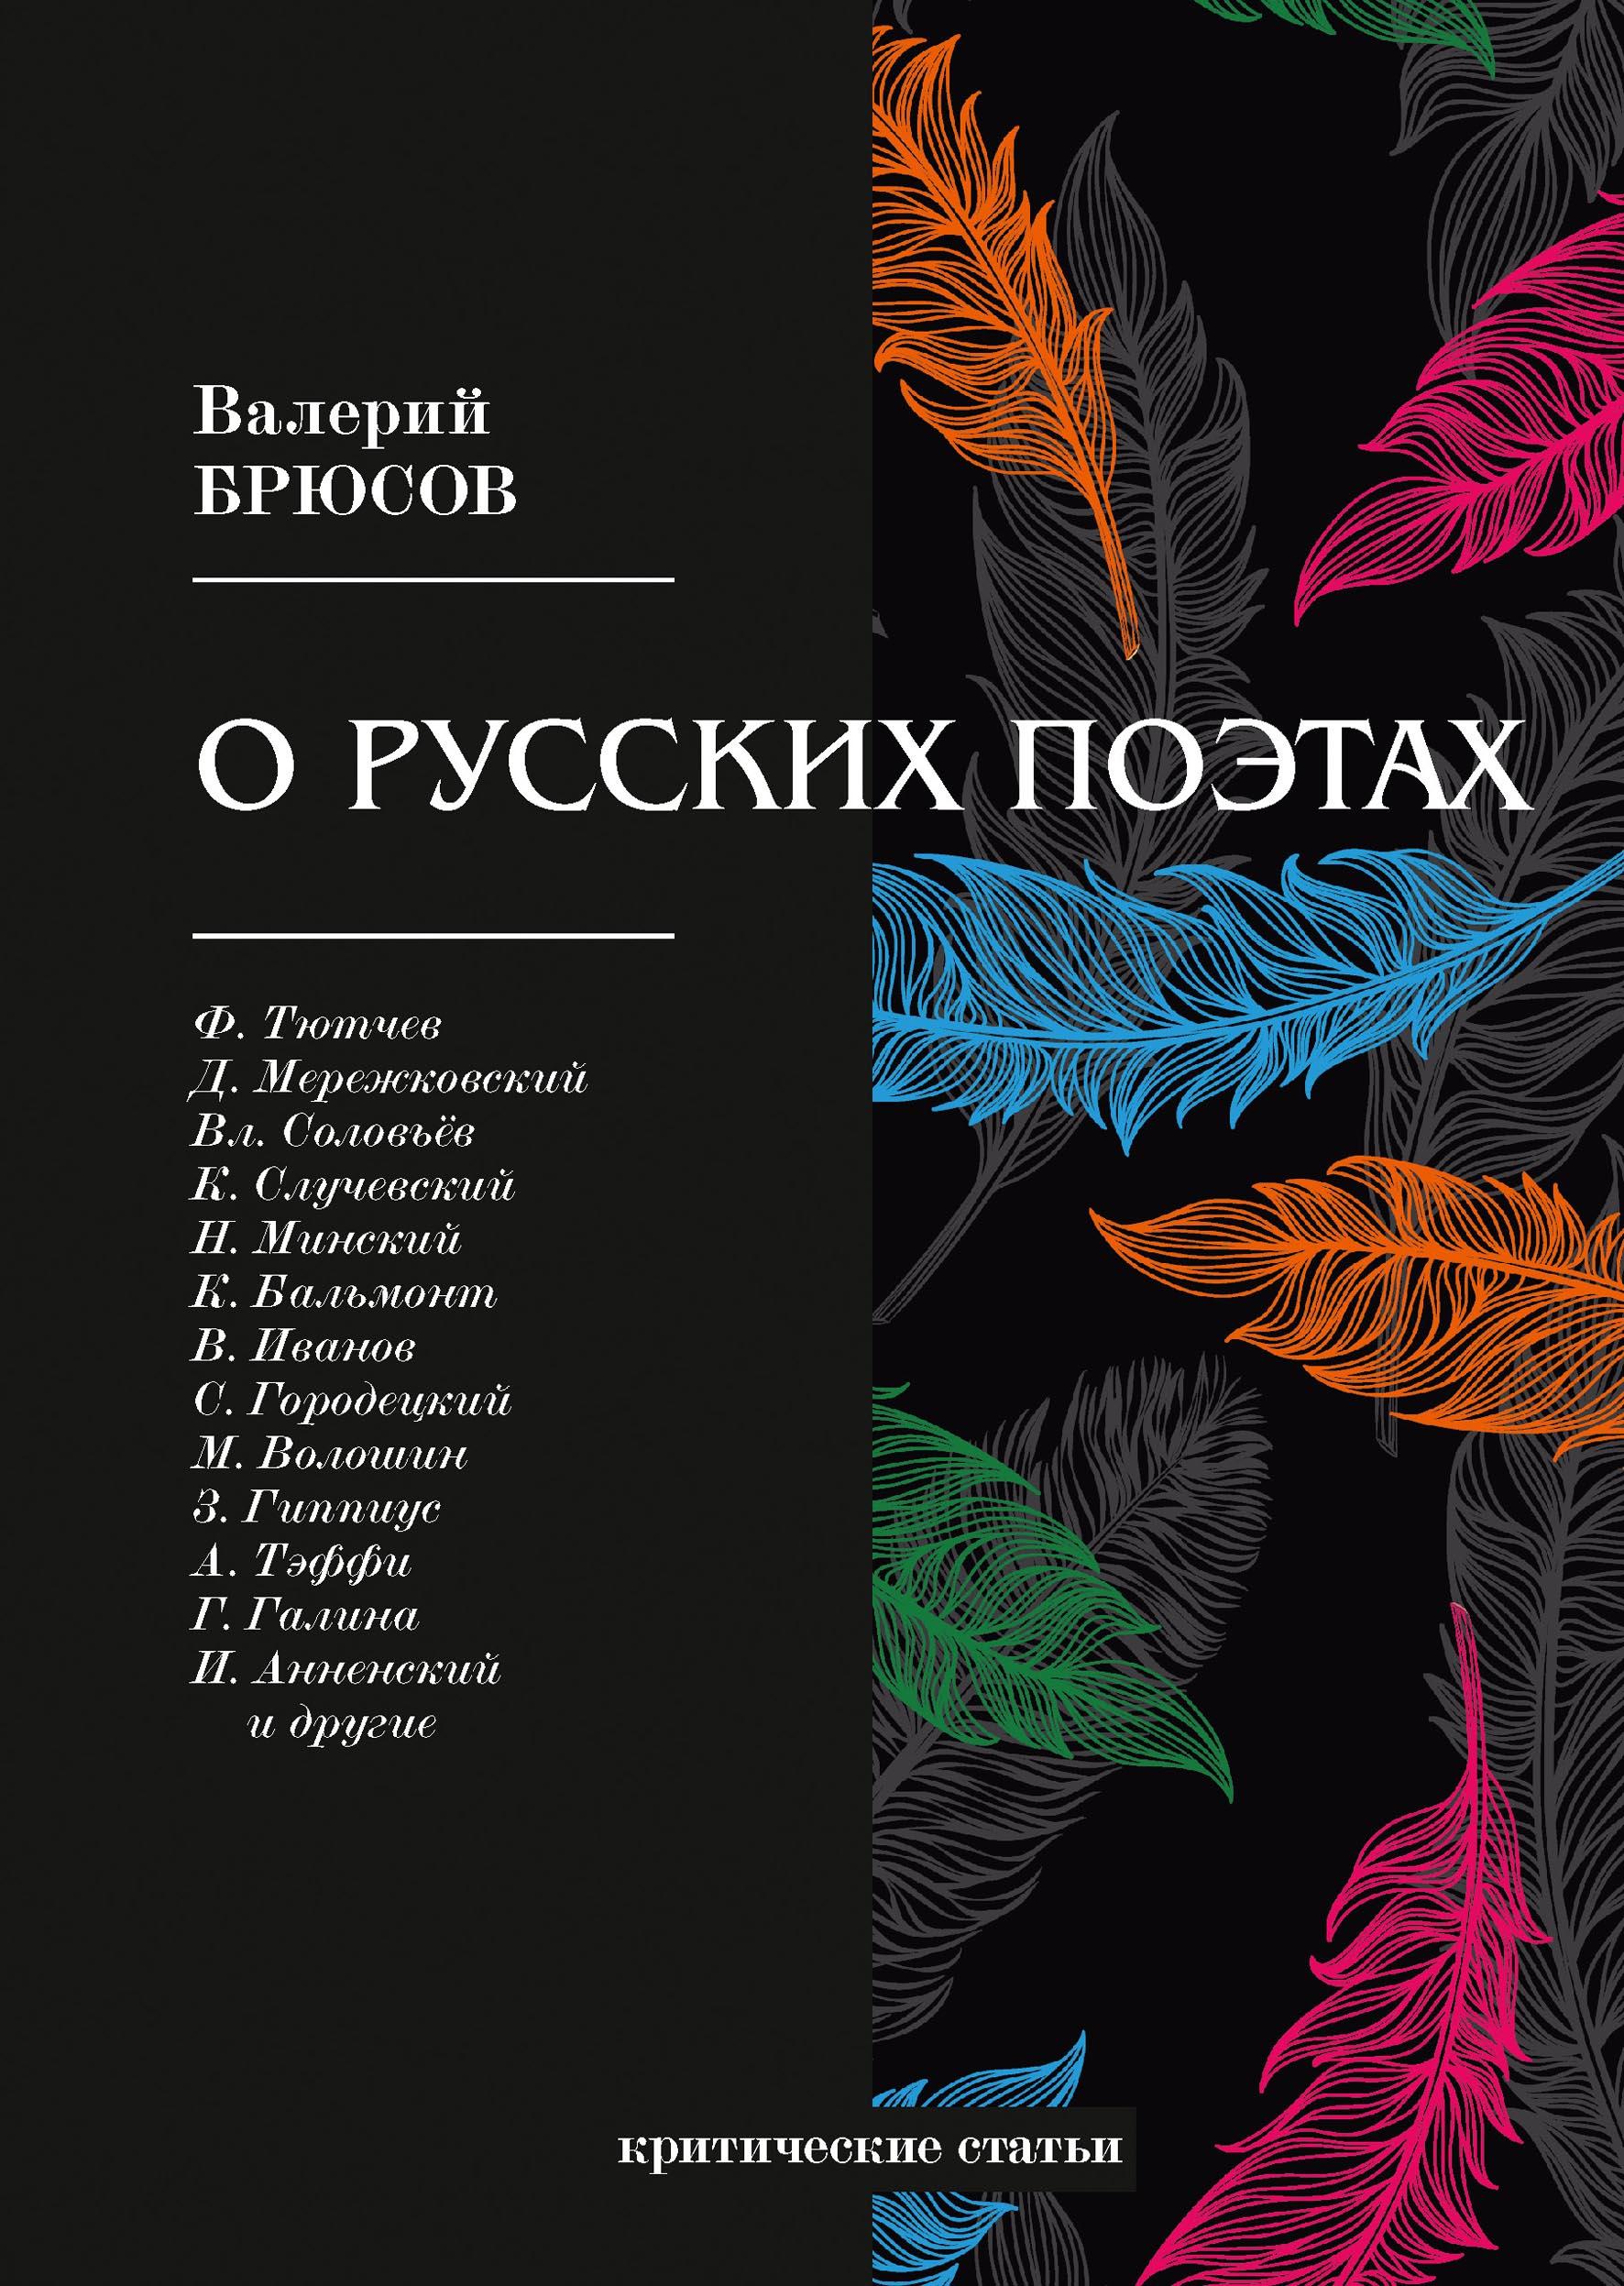 В. Брюсов О русских поэтах в брюсов о русских поэтах